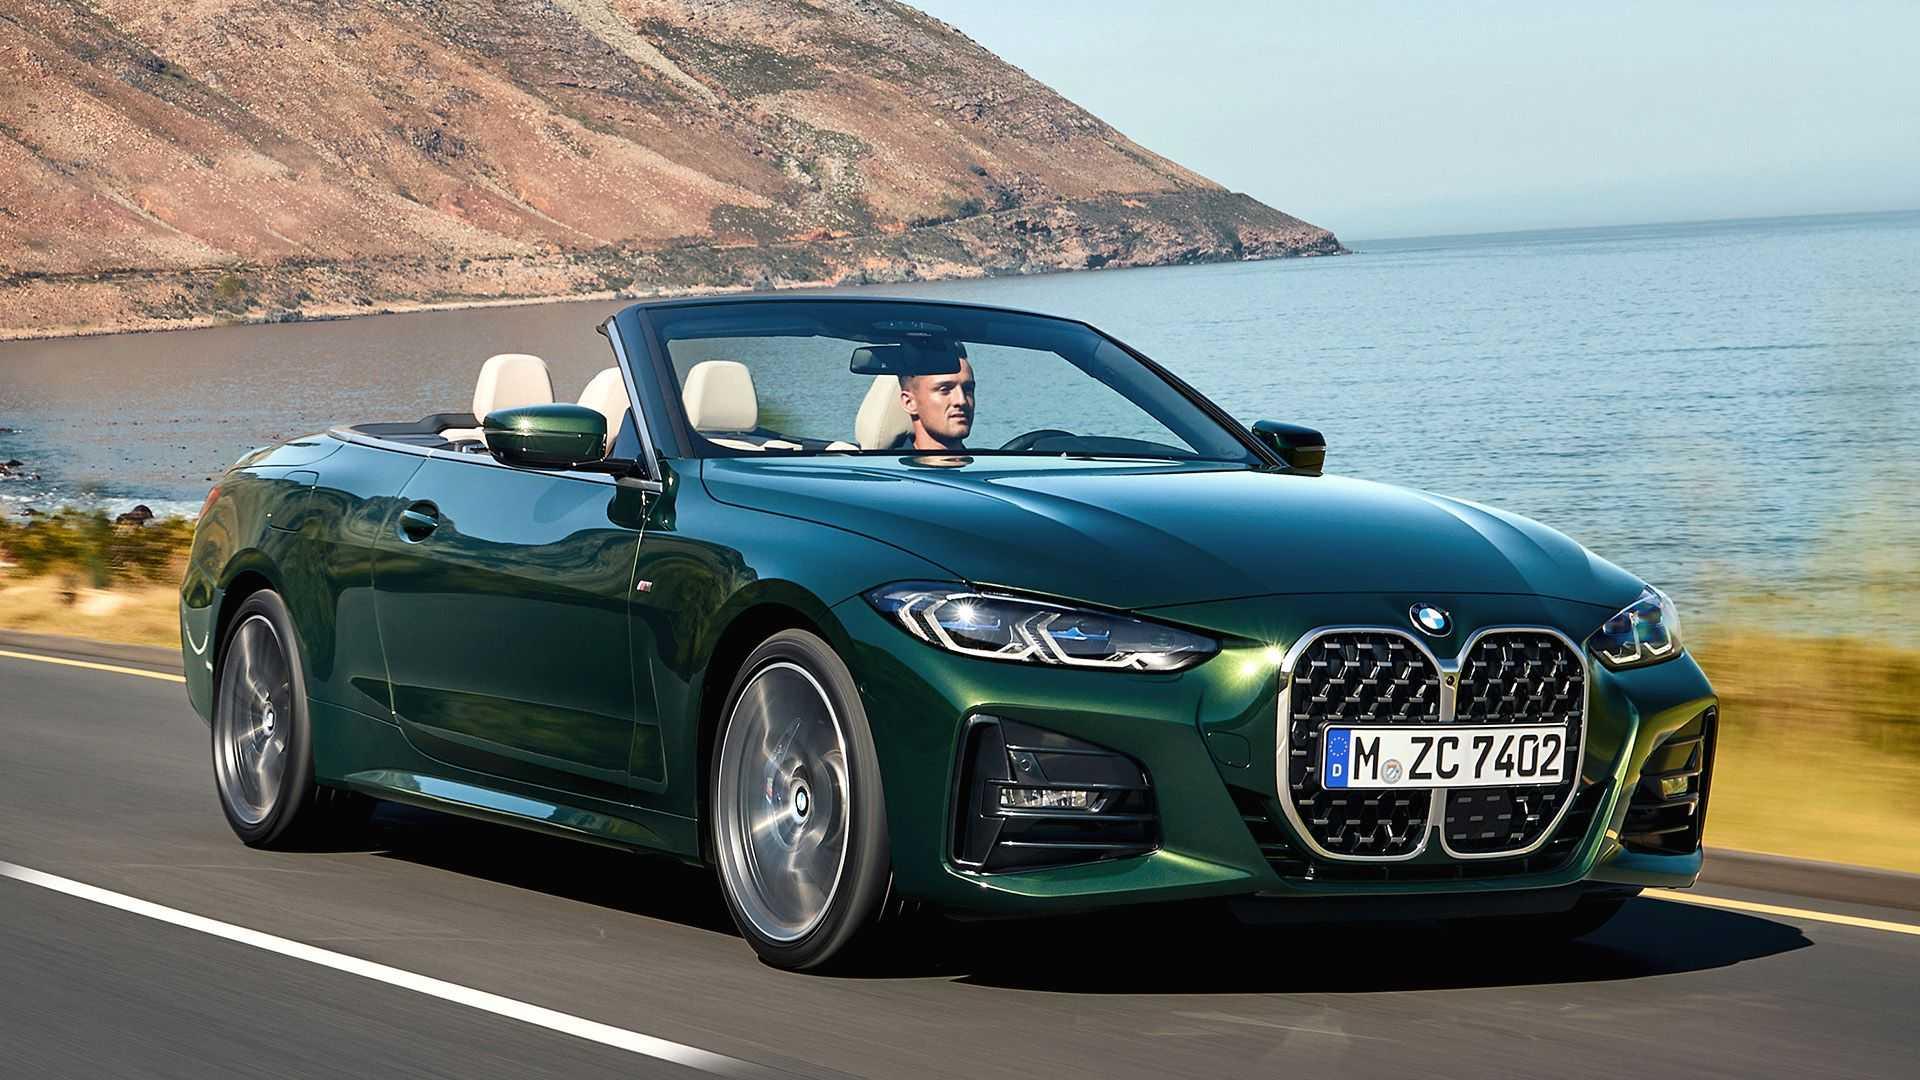 Купе BMW 4-й серии дебютировало четыре месяца назад, а теперь производитель представил открытую версию. Кабриолет сменил жёсткий верх на тканевый: он на 40 % легче прежнего, но, в отличие от обычных мягких крыш, обеспечивает высокий уровень комфорта.